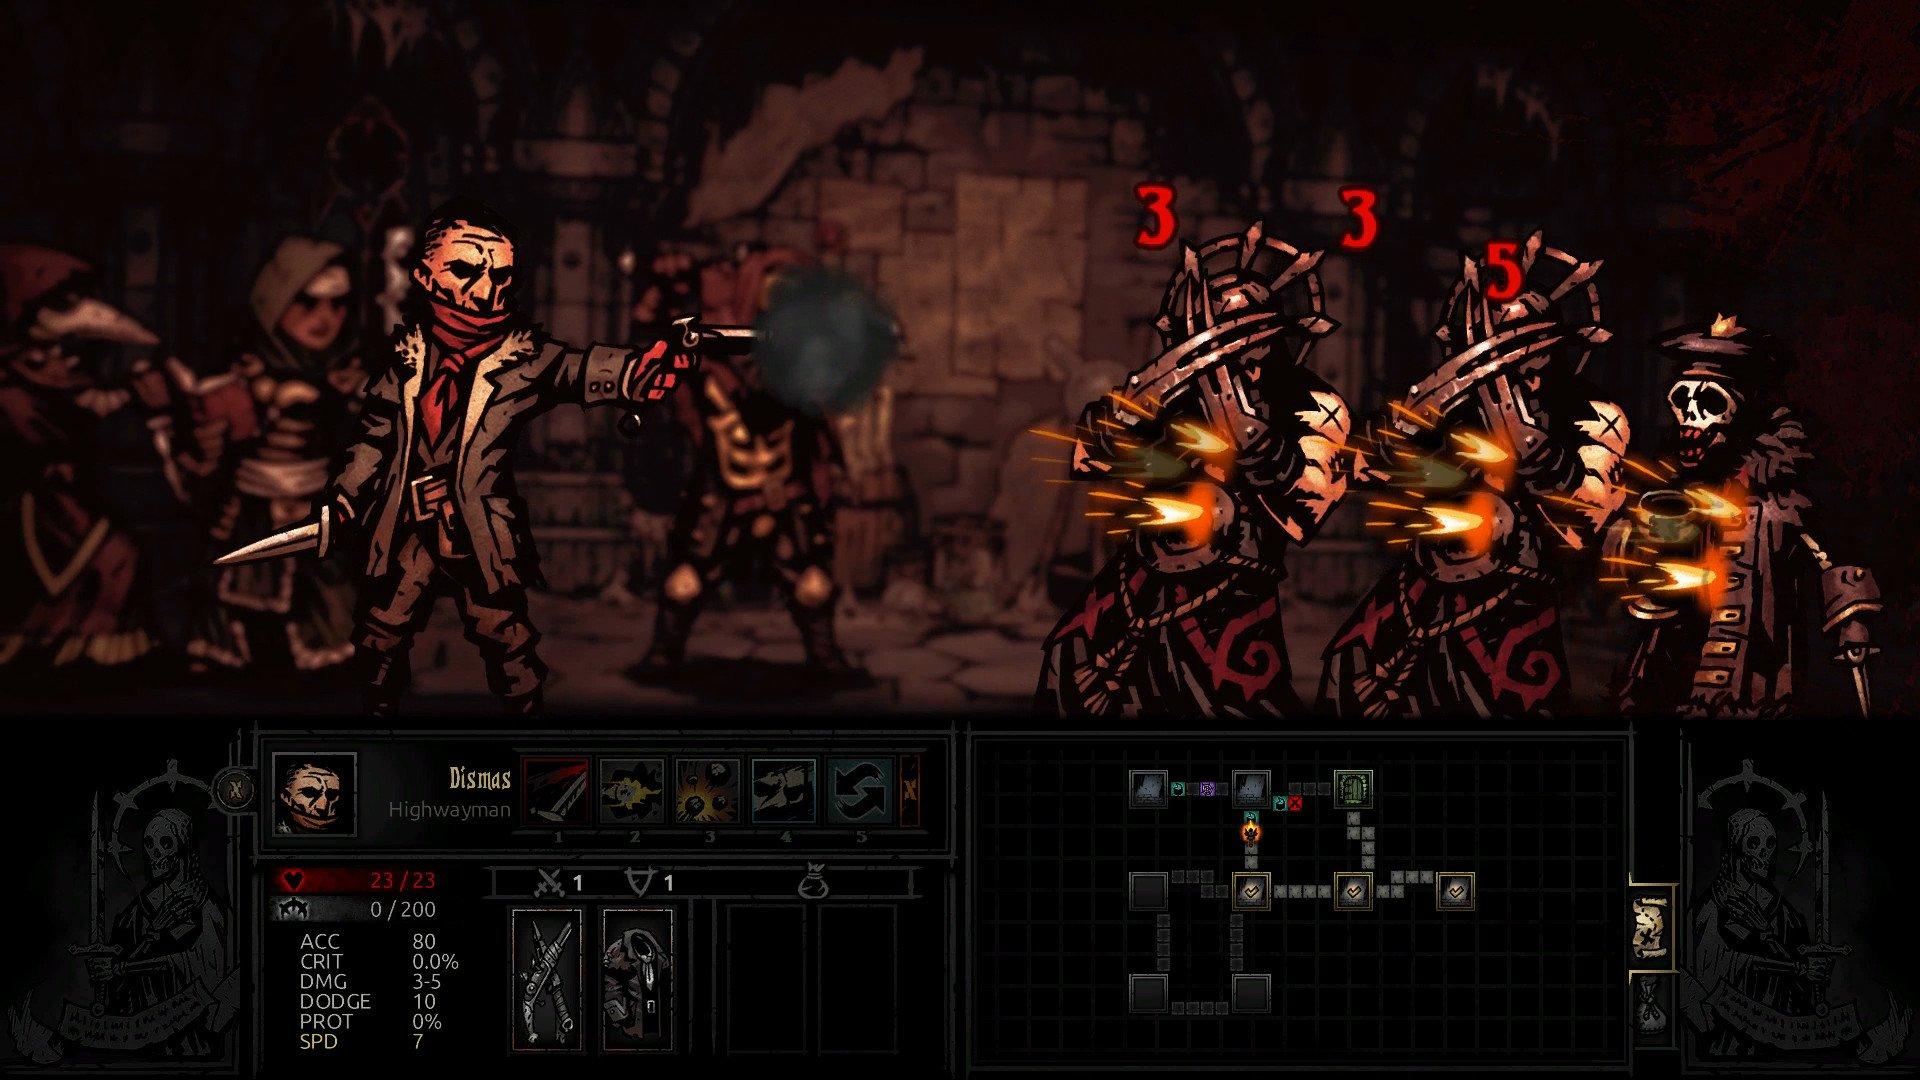 darkest dungeon review a